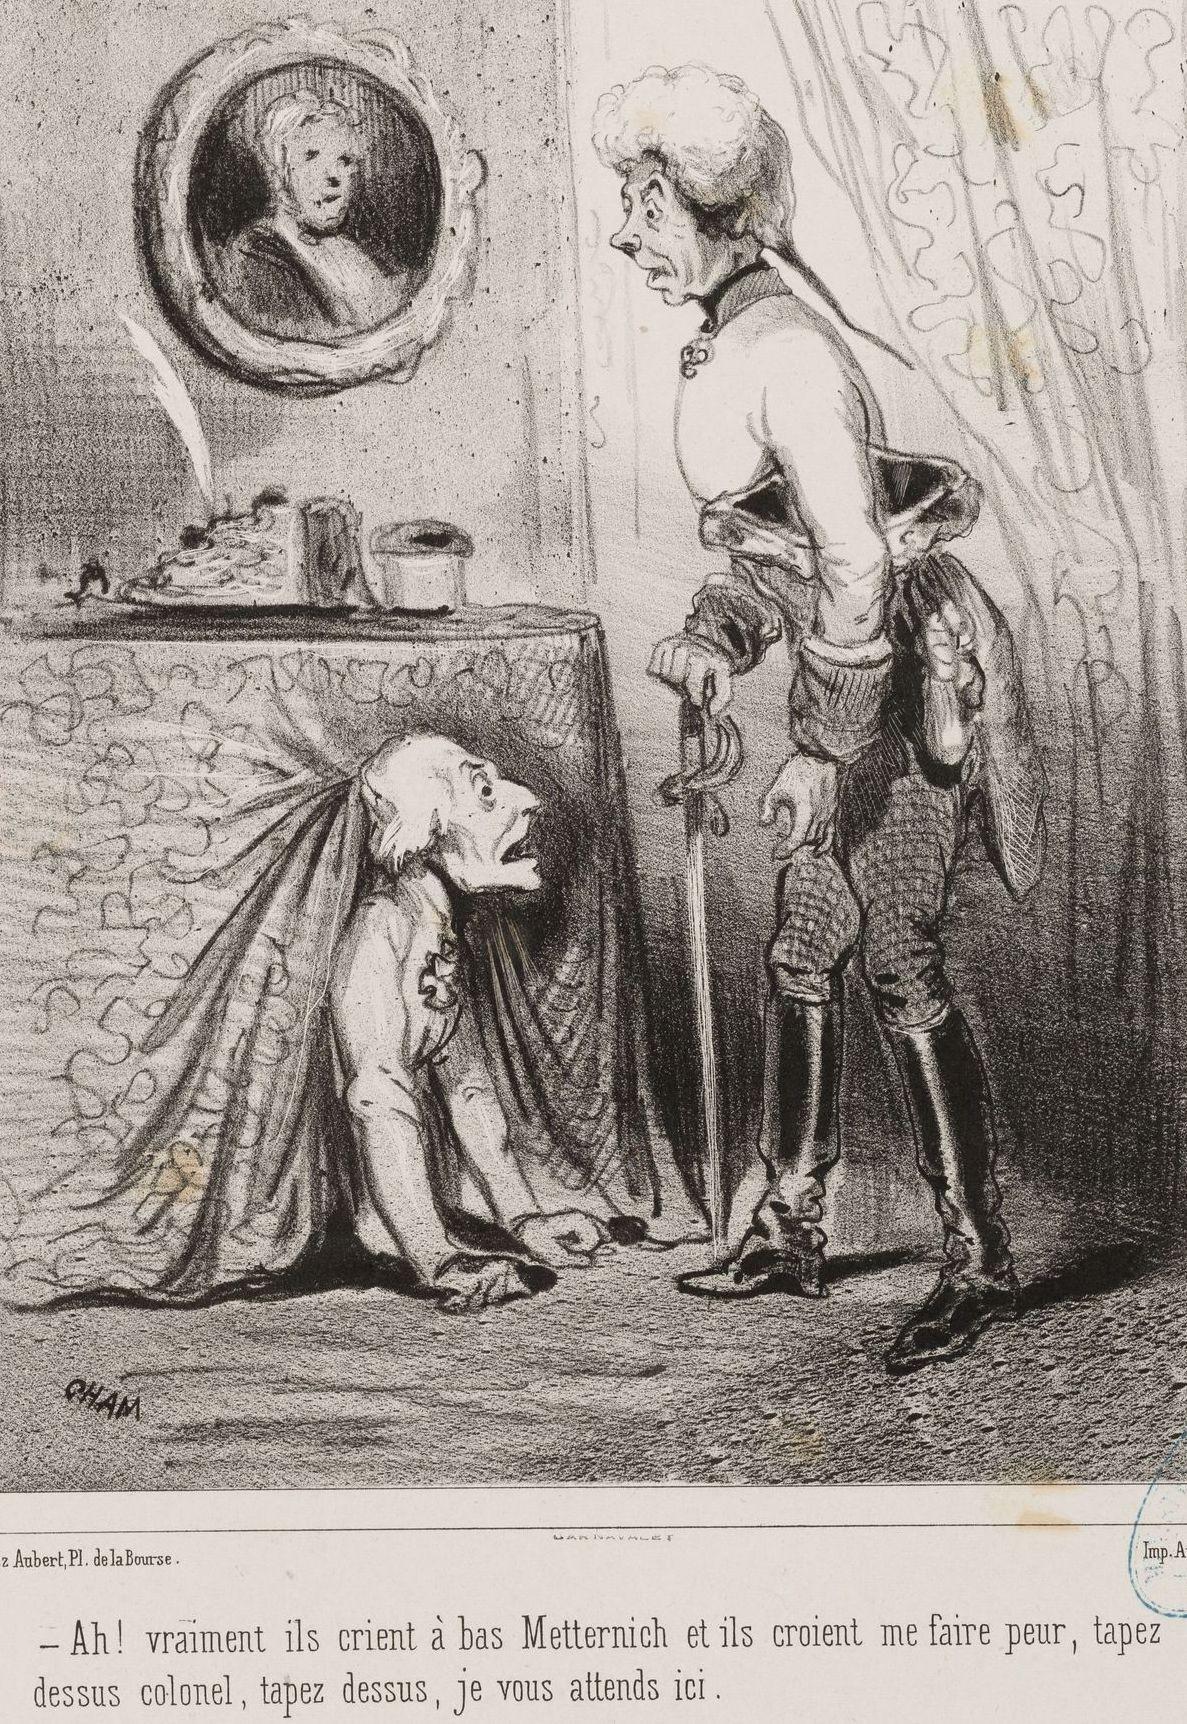 Amédée Charles de Noé, dit Cham, « Ah ! vraiment ils crient à bas Metternich et ils croient me faire peur, tapez dessus colonel, tapez dessus, je vous attends ici », 1848, lithographie, 36 x 27 cm, musée Carnavalet, Paris.